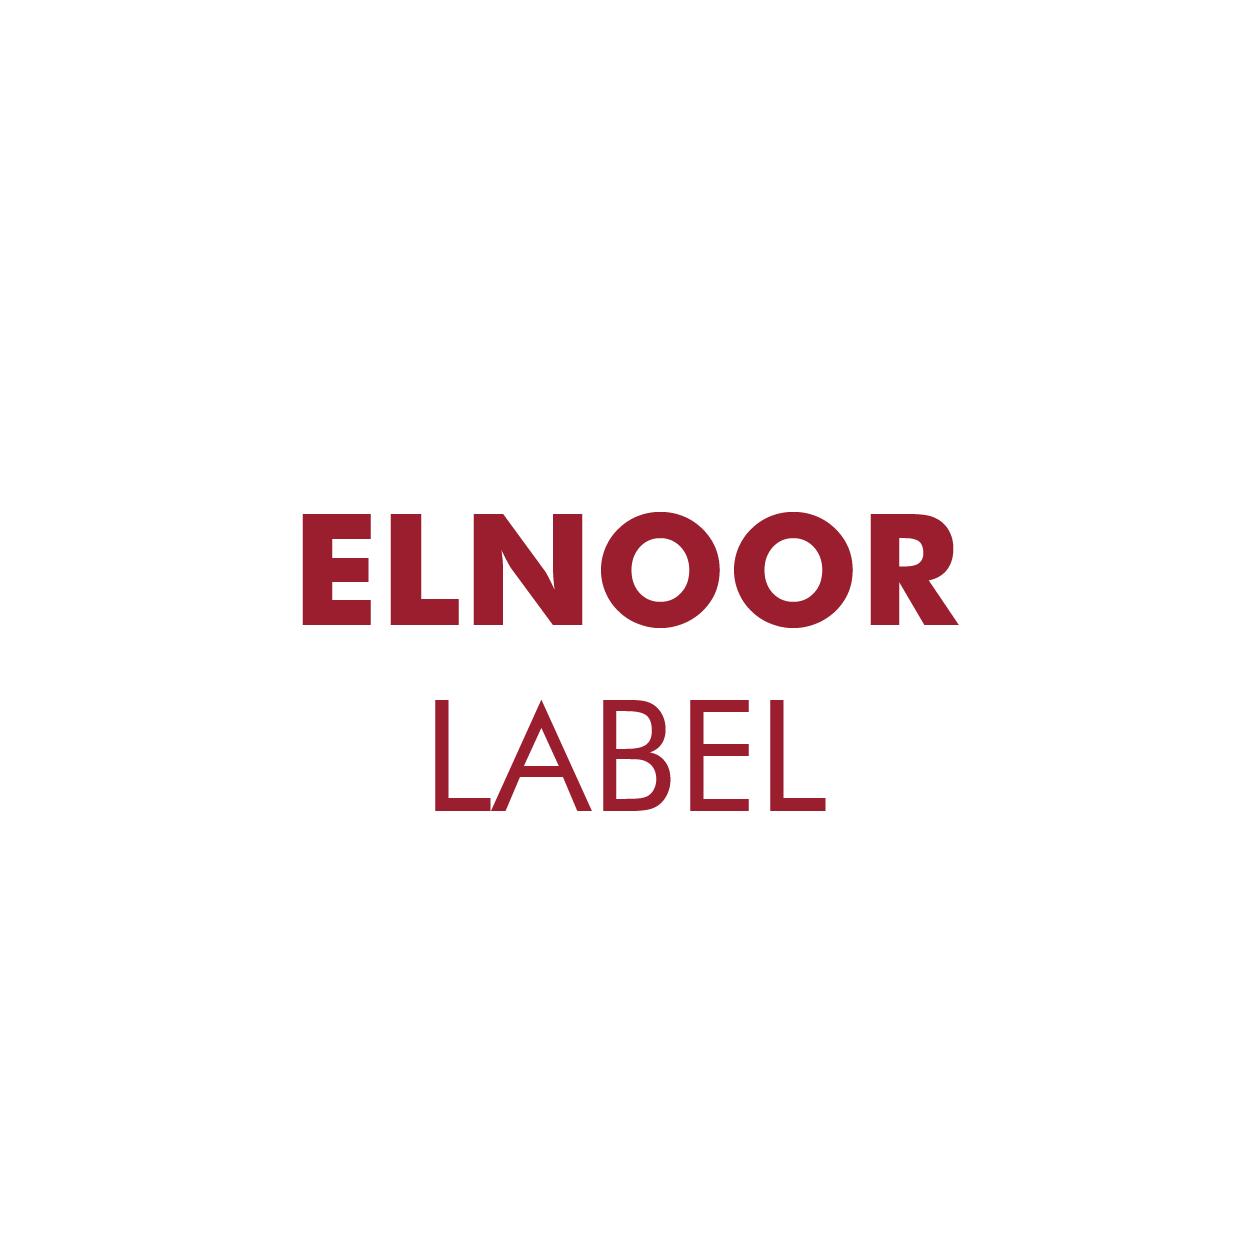 Elnoor Label